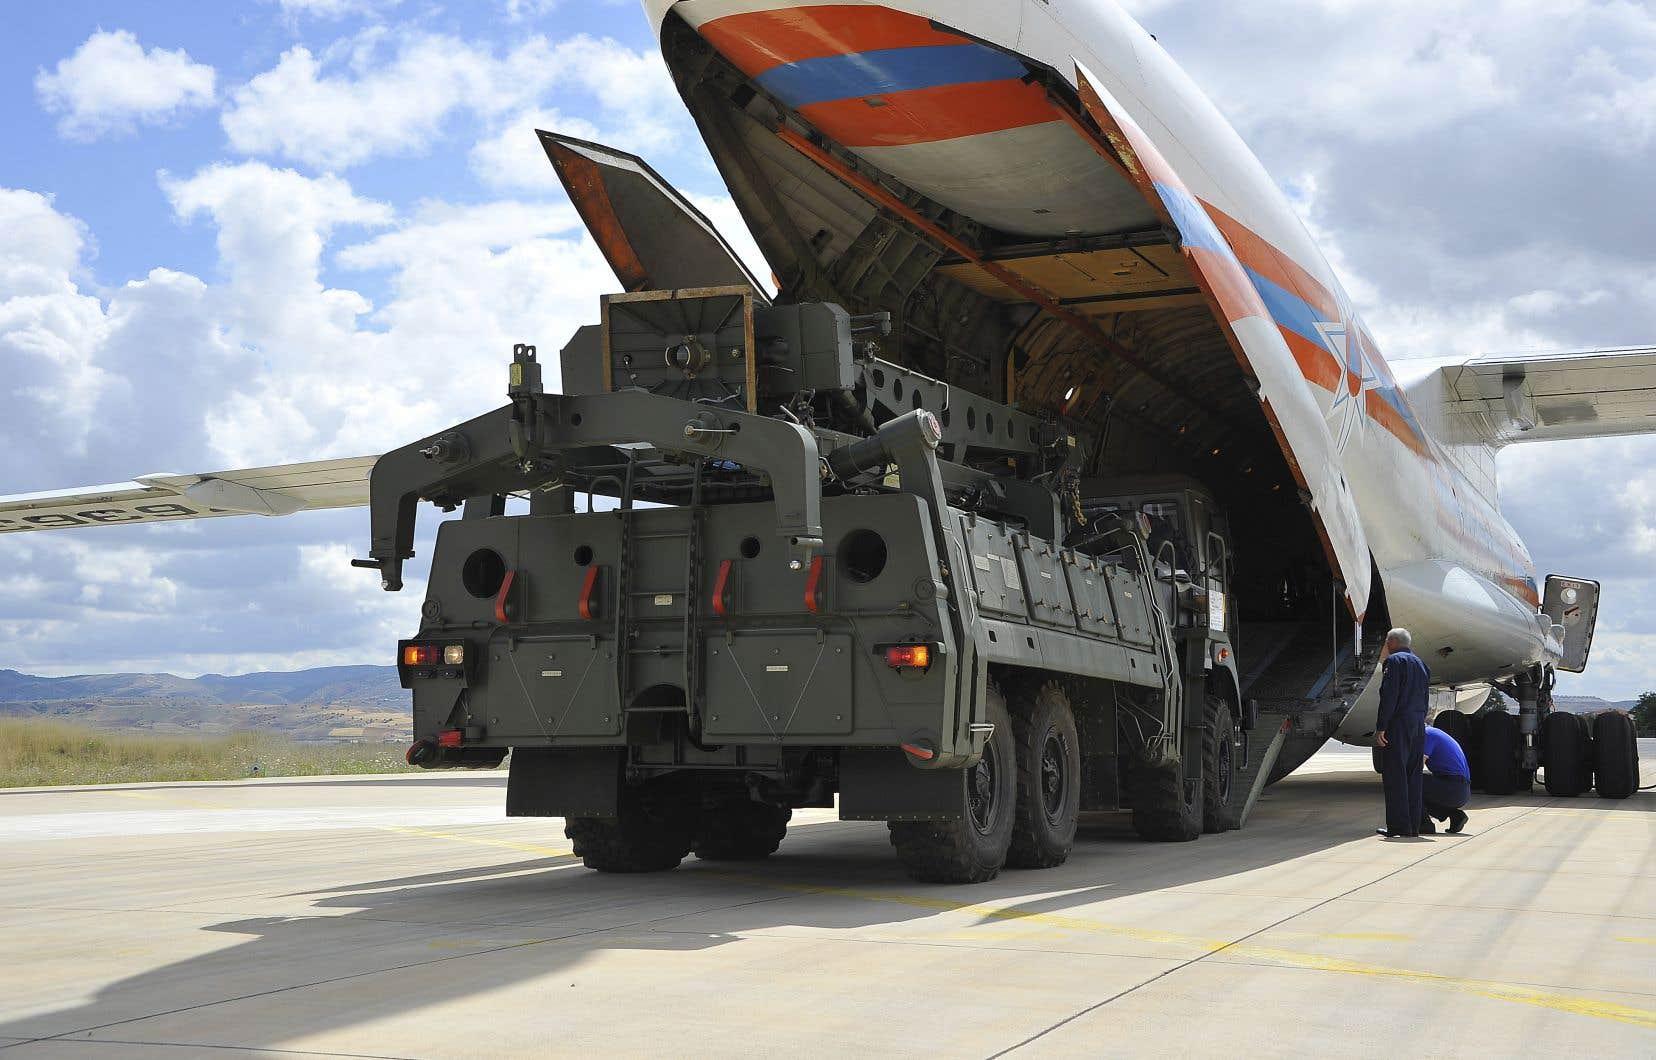 Les missiles russes S-400, que la base aérienne Murted, à Ankara, adéjà commencé à recevoir,servent de système de défense antiaérienne.